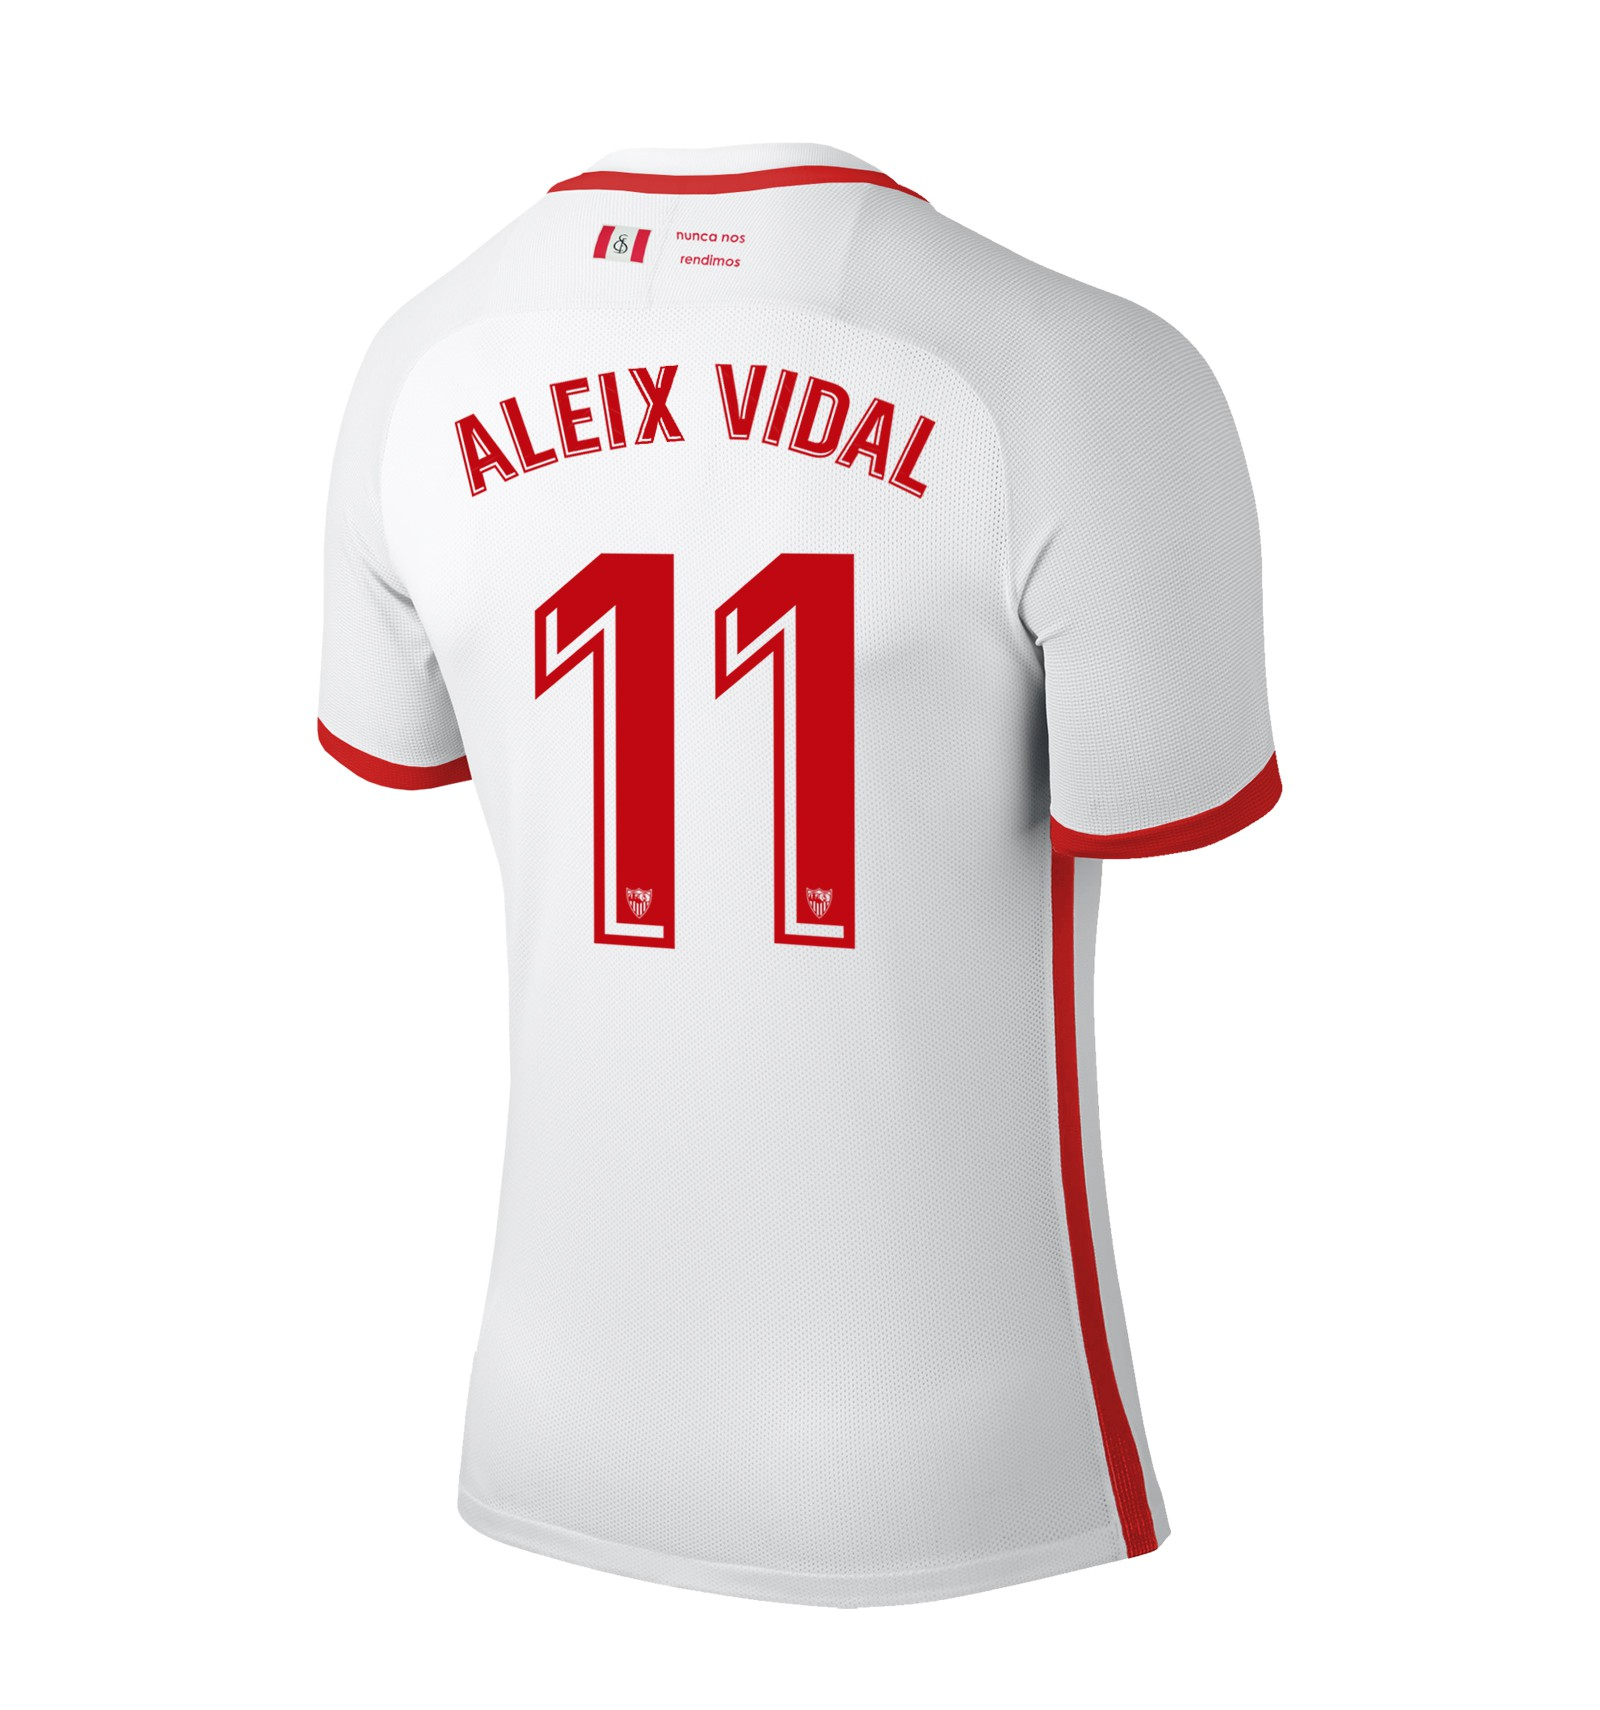 Maillot Extérieur Sevilla FC Aleix Vidal